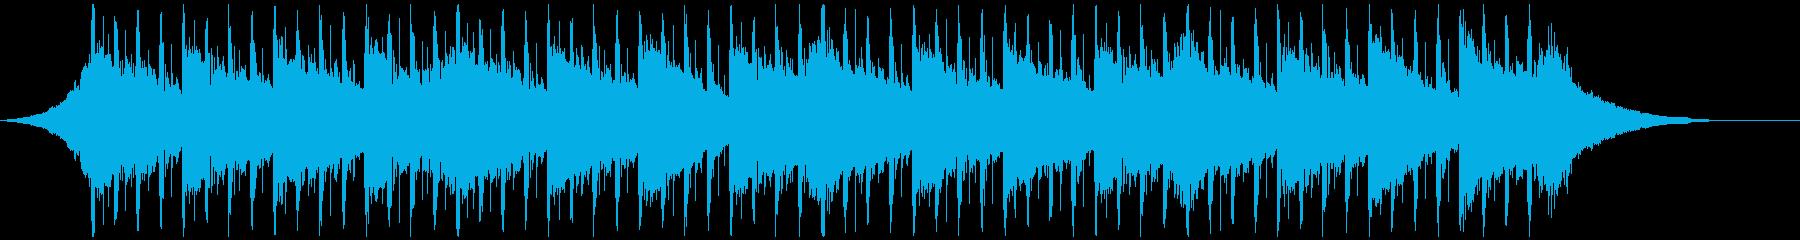 刺激的な戦略(45秒)の再生済みの波形